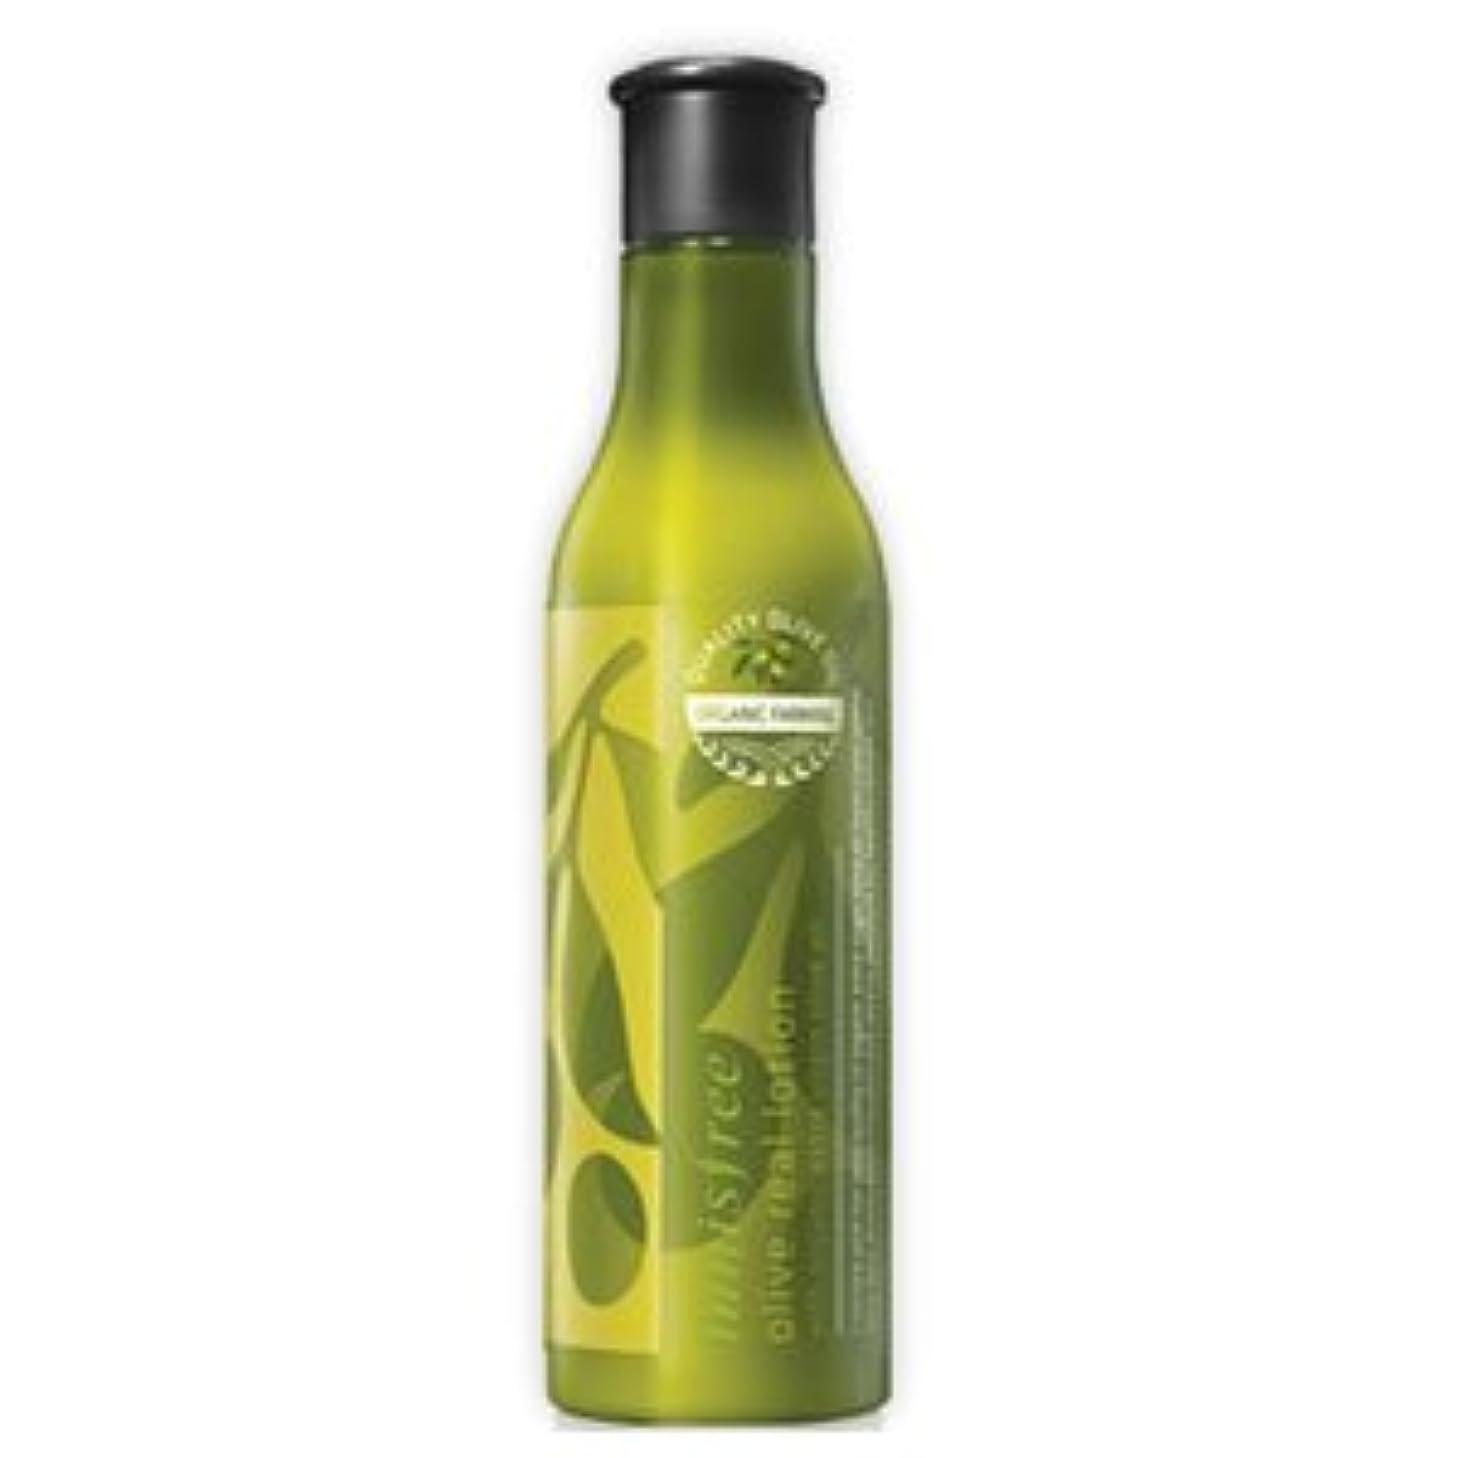 委託休憩主張するinnisfree(イニスフリー) 保湿栄養 オリーブリアル ローション 乳液 160ml